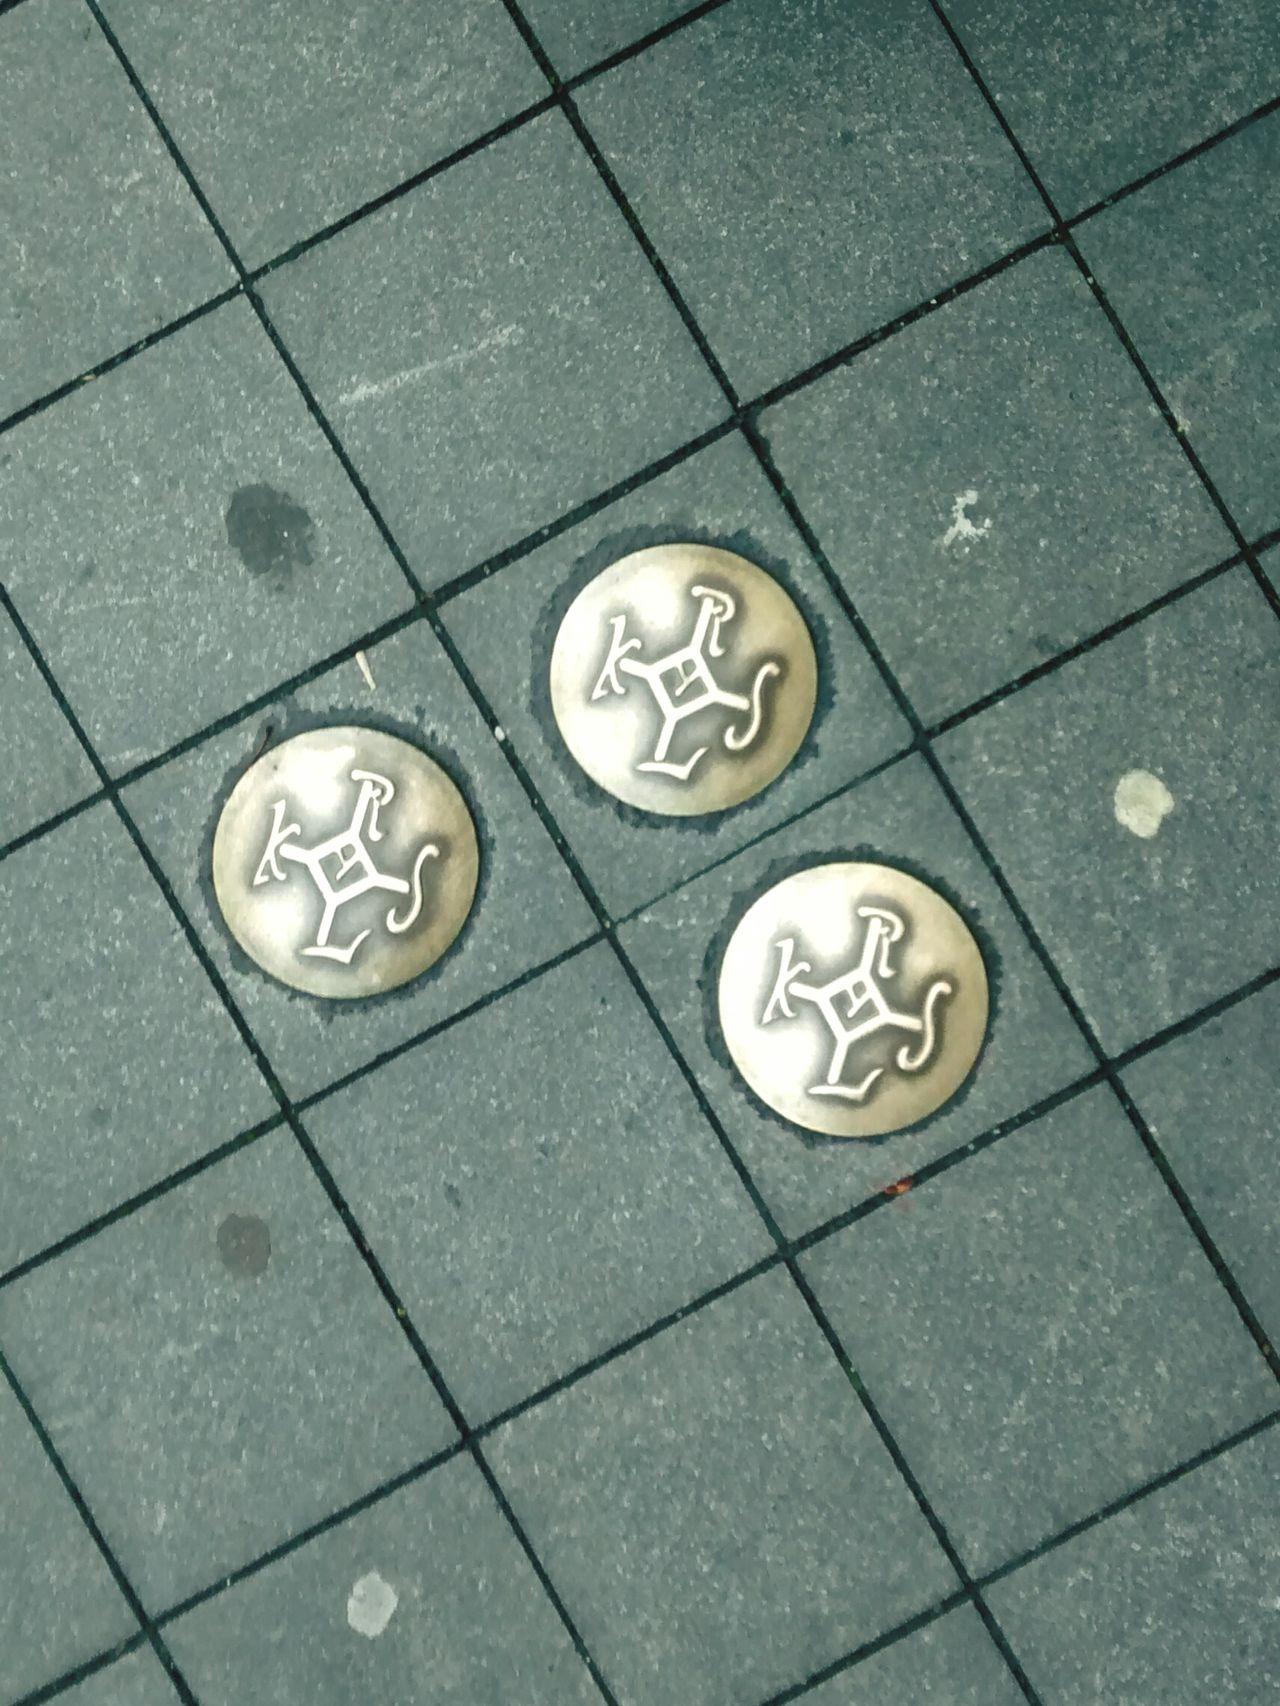 Karlssiegel Kaiser Karl Aachen City Streetphotography Street Stadt Siegel Sign